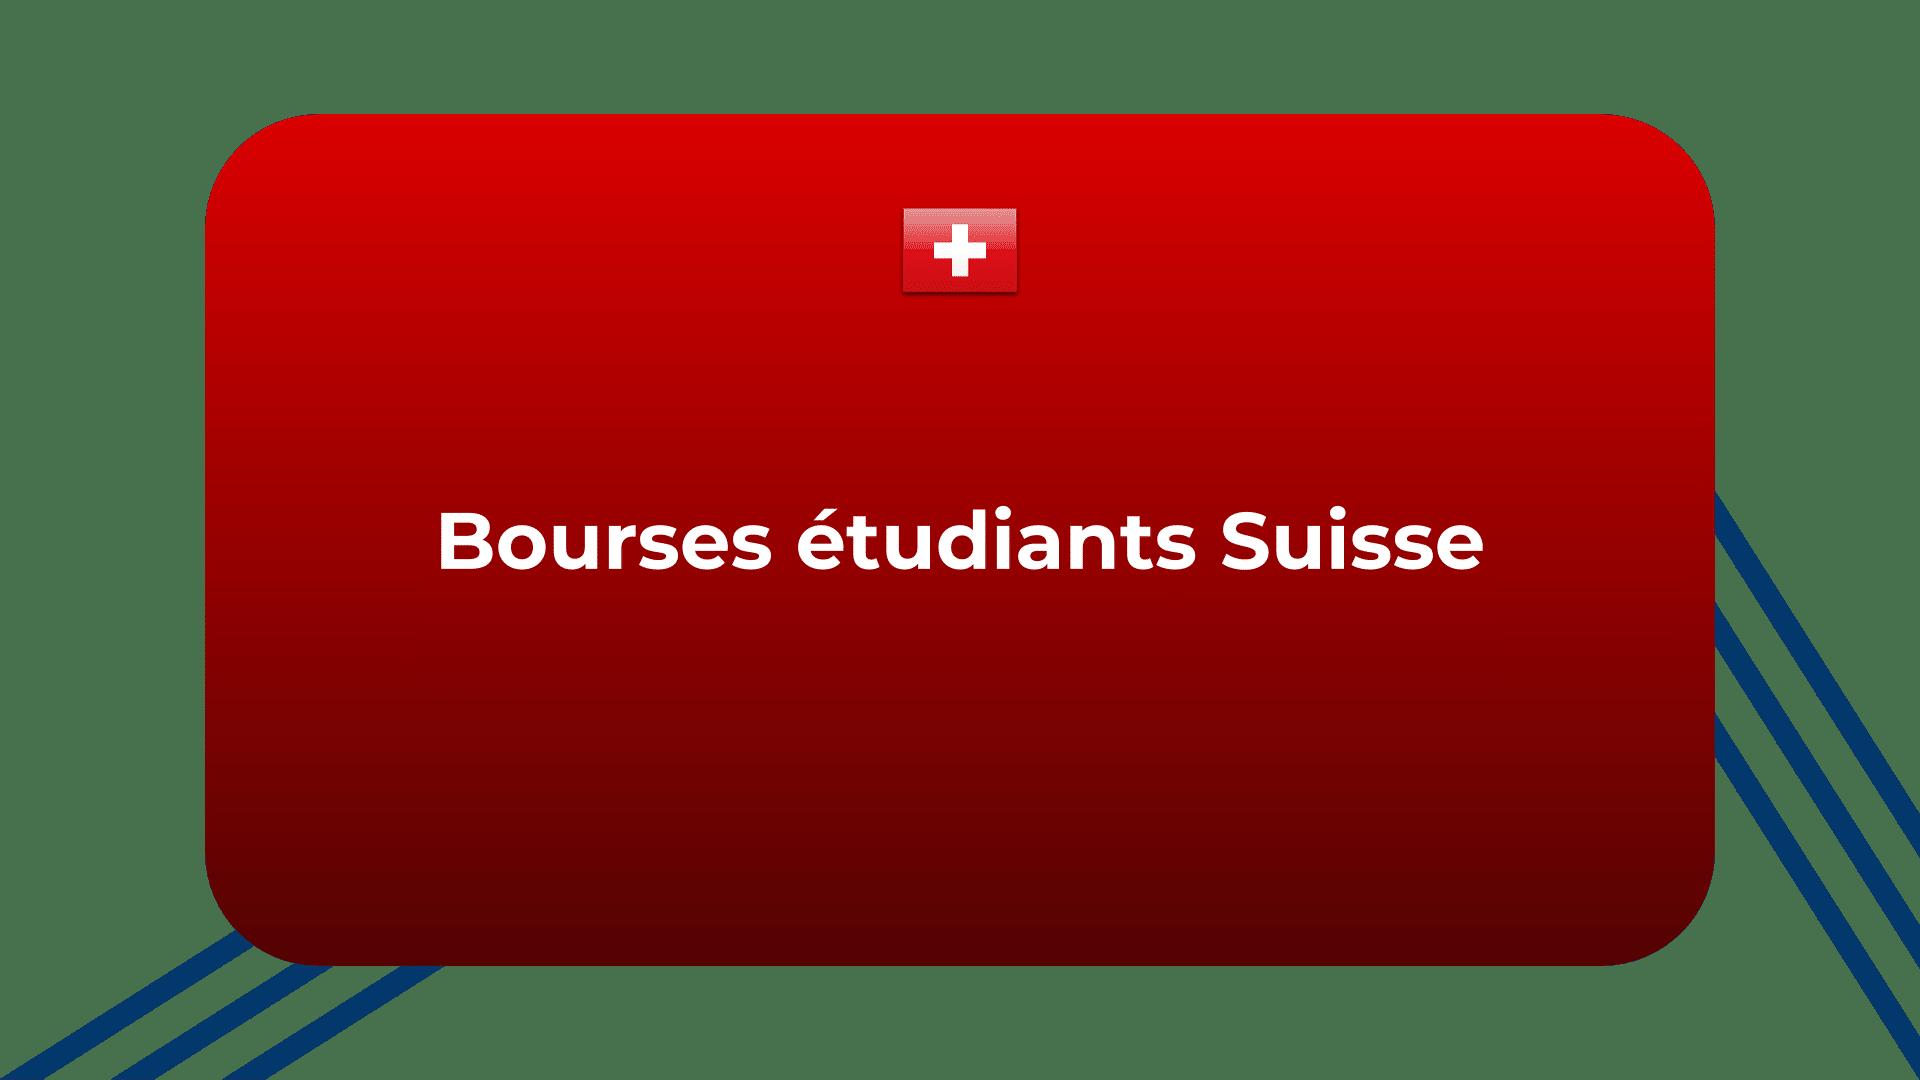 Bourses étudiants Suisse